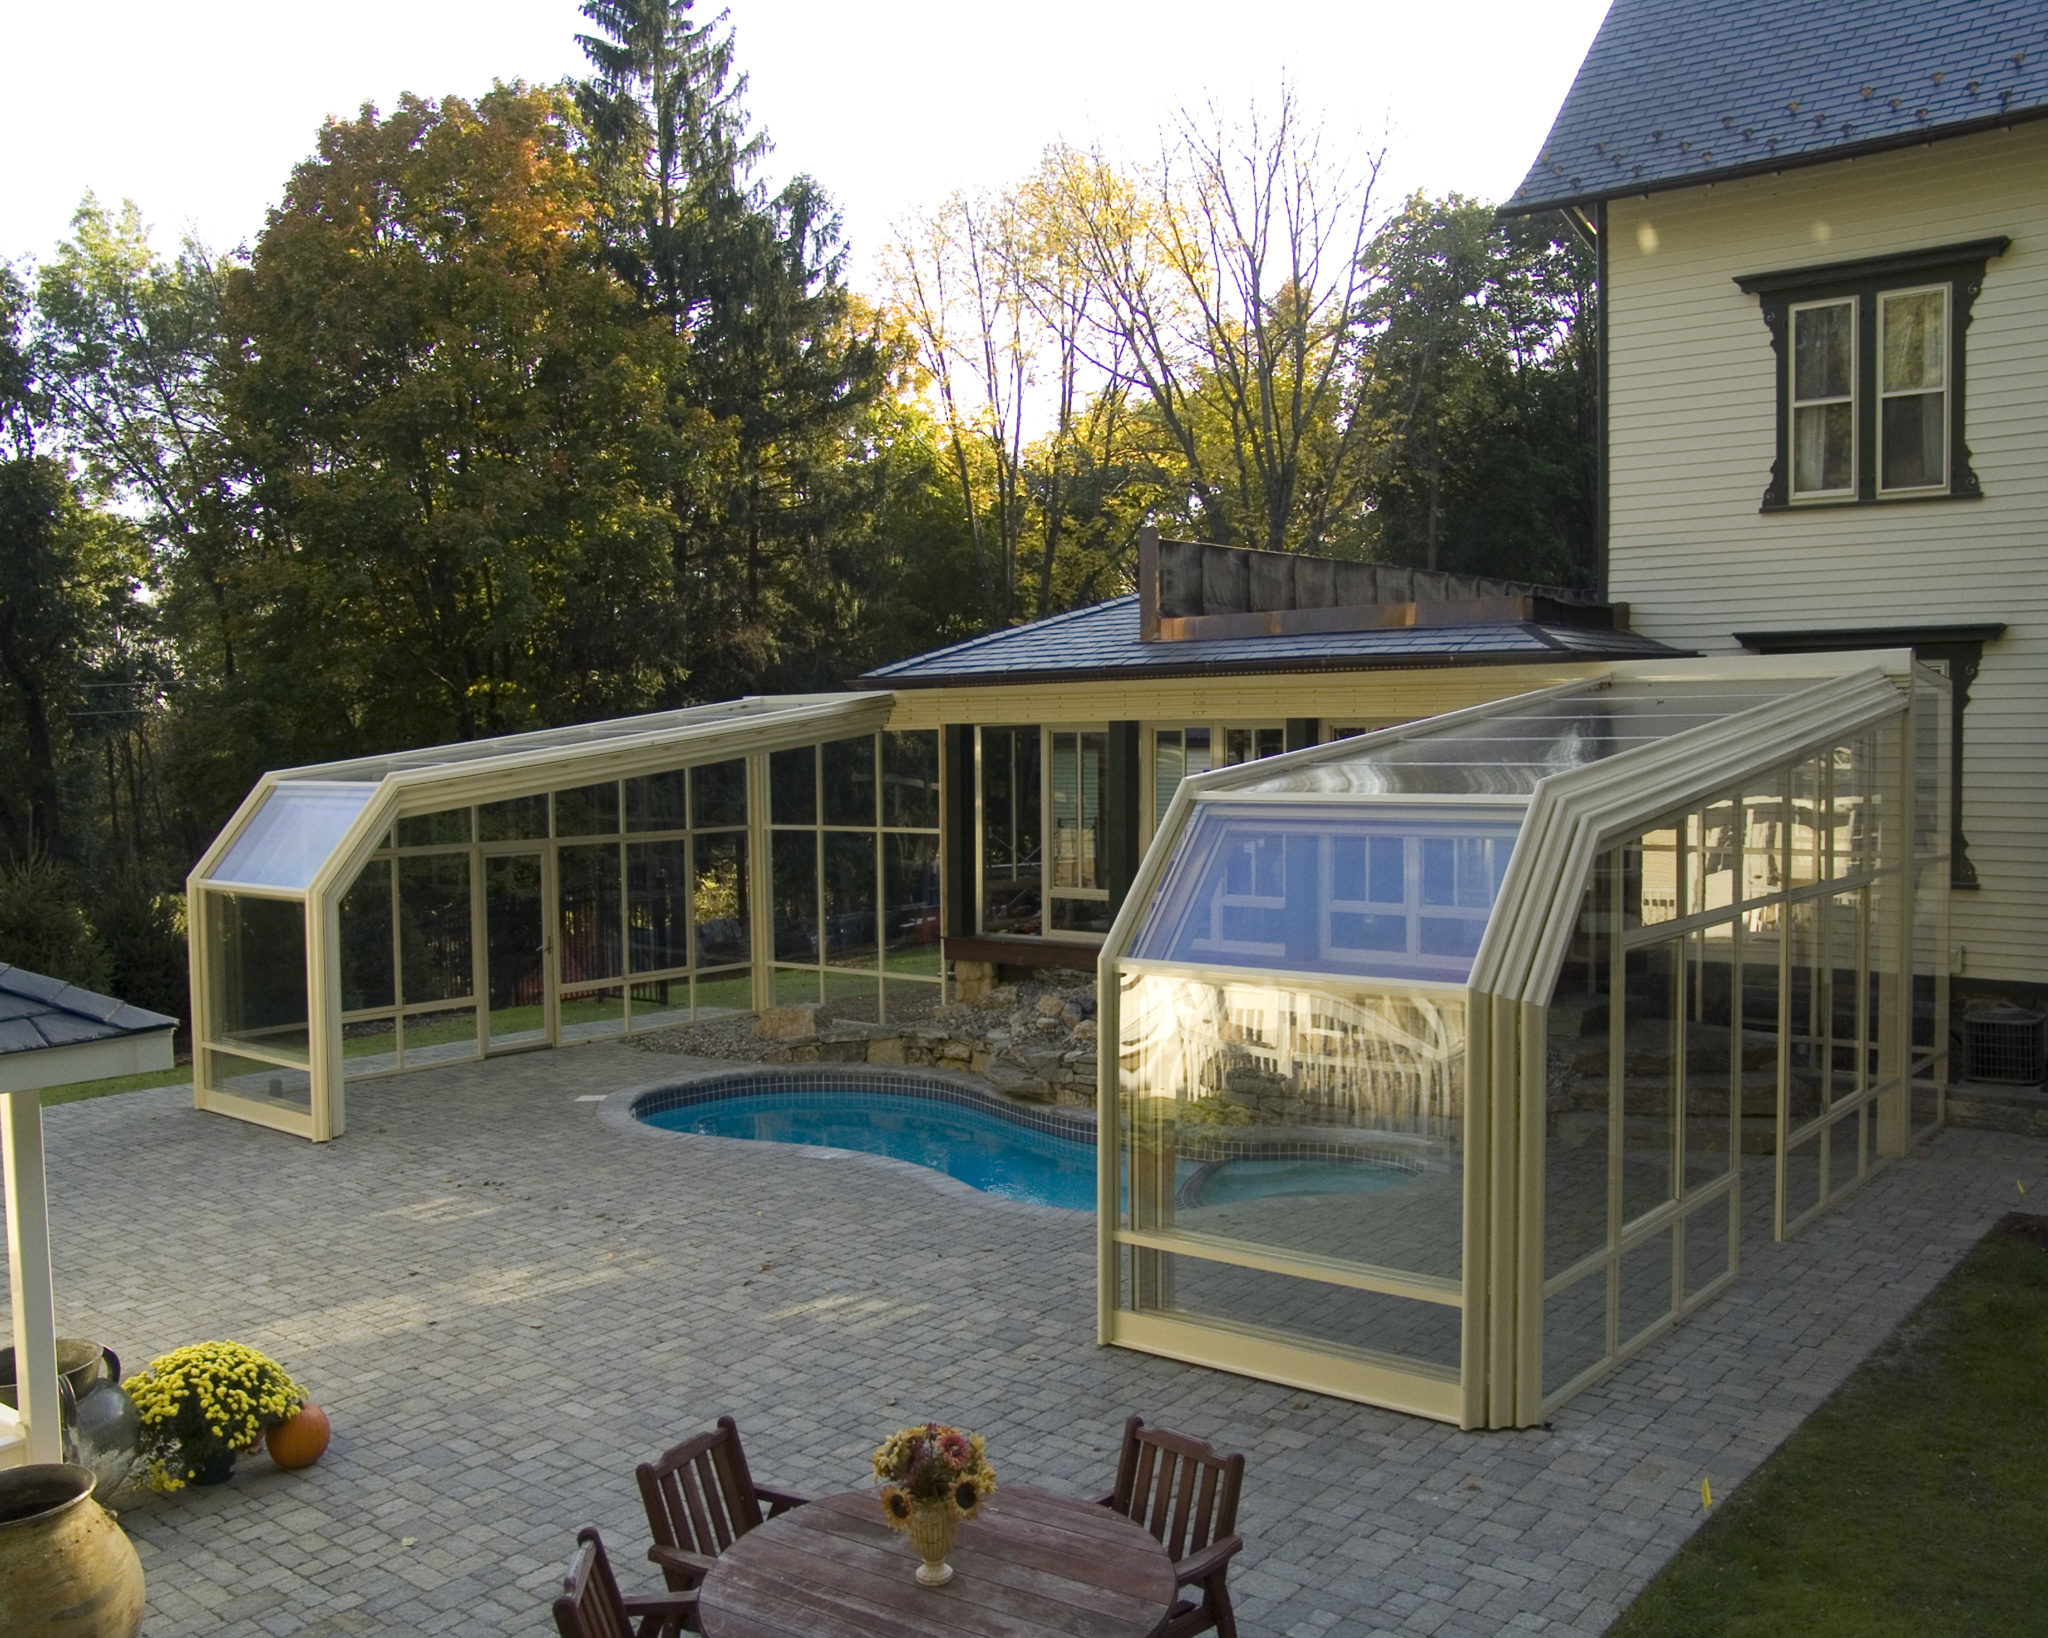 Pool Enclosure 2 - Opened.jpg